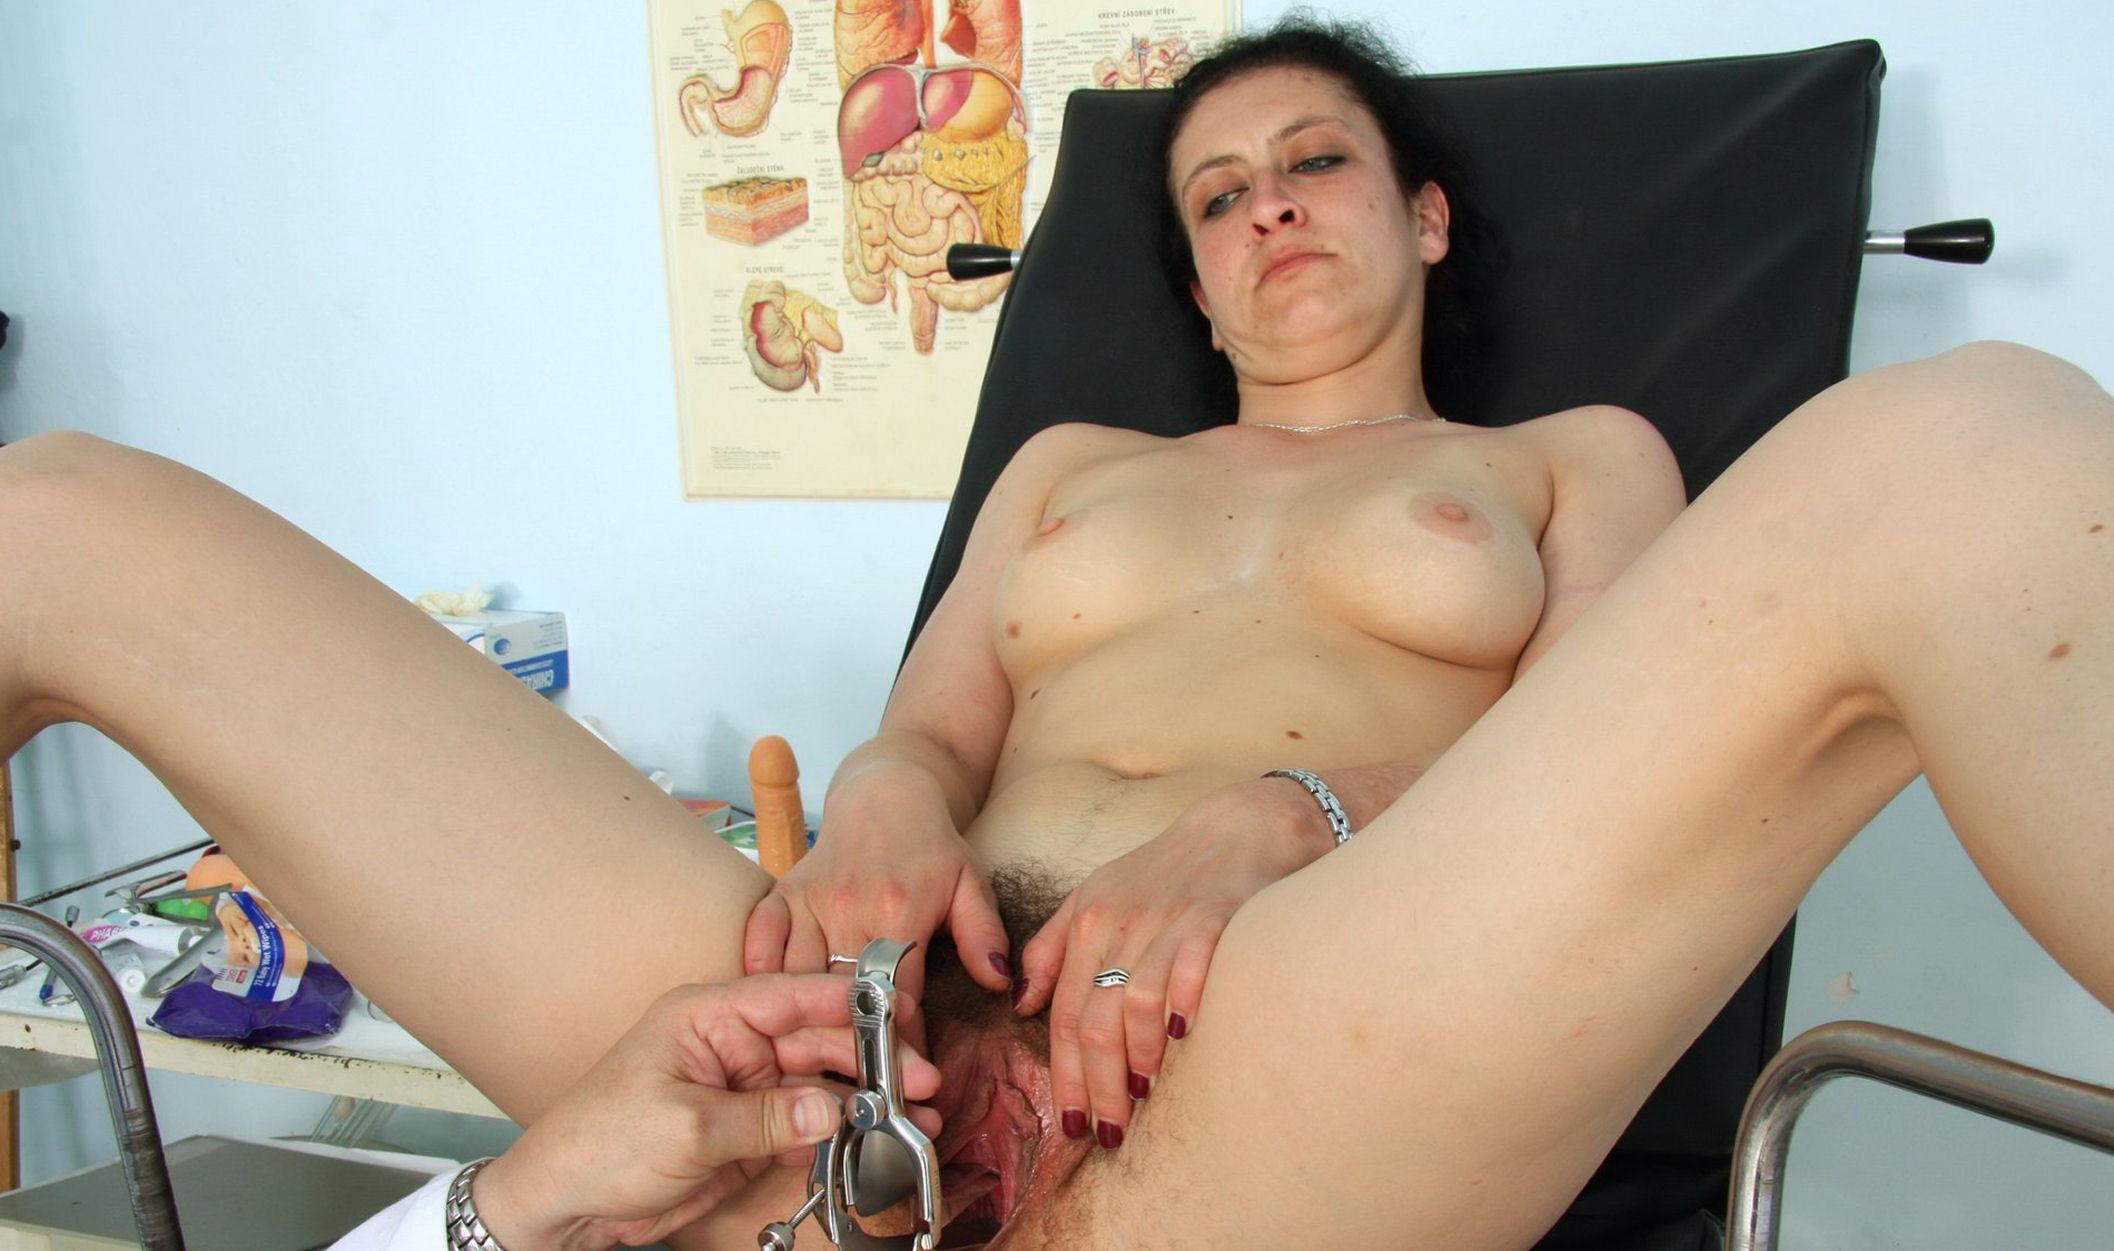 сиськи член вагина у гинеколога фото